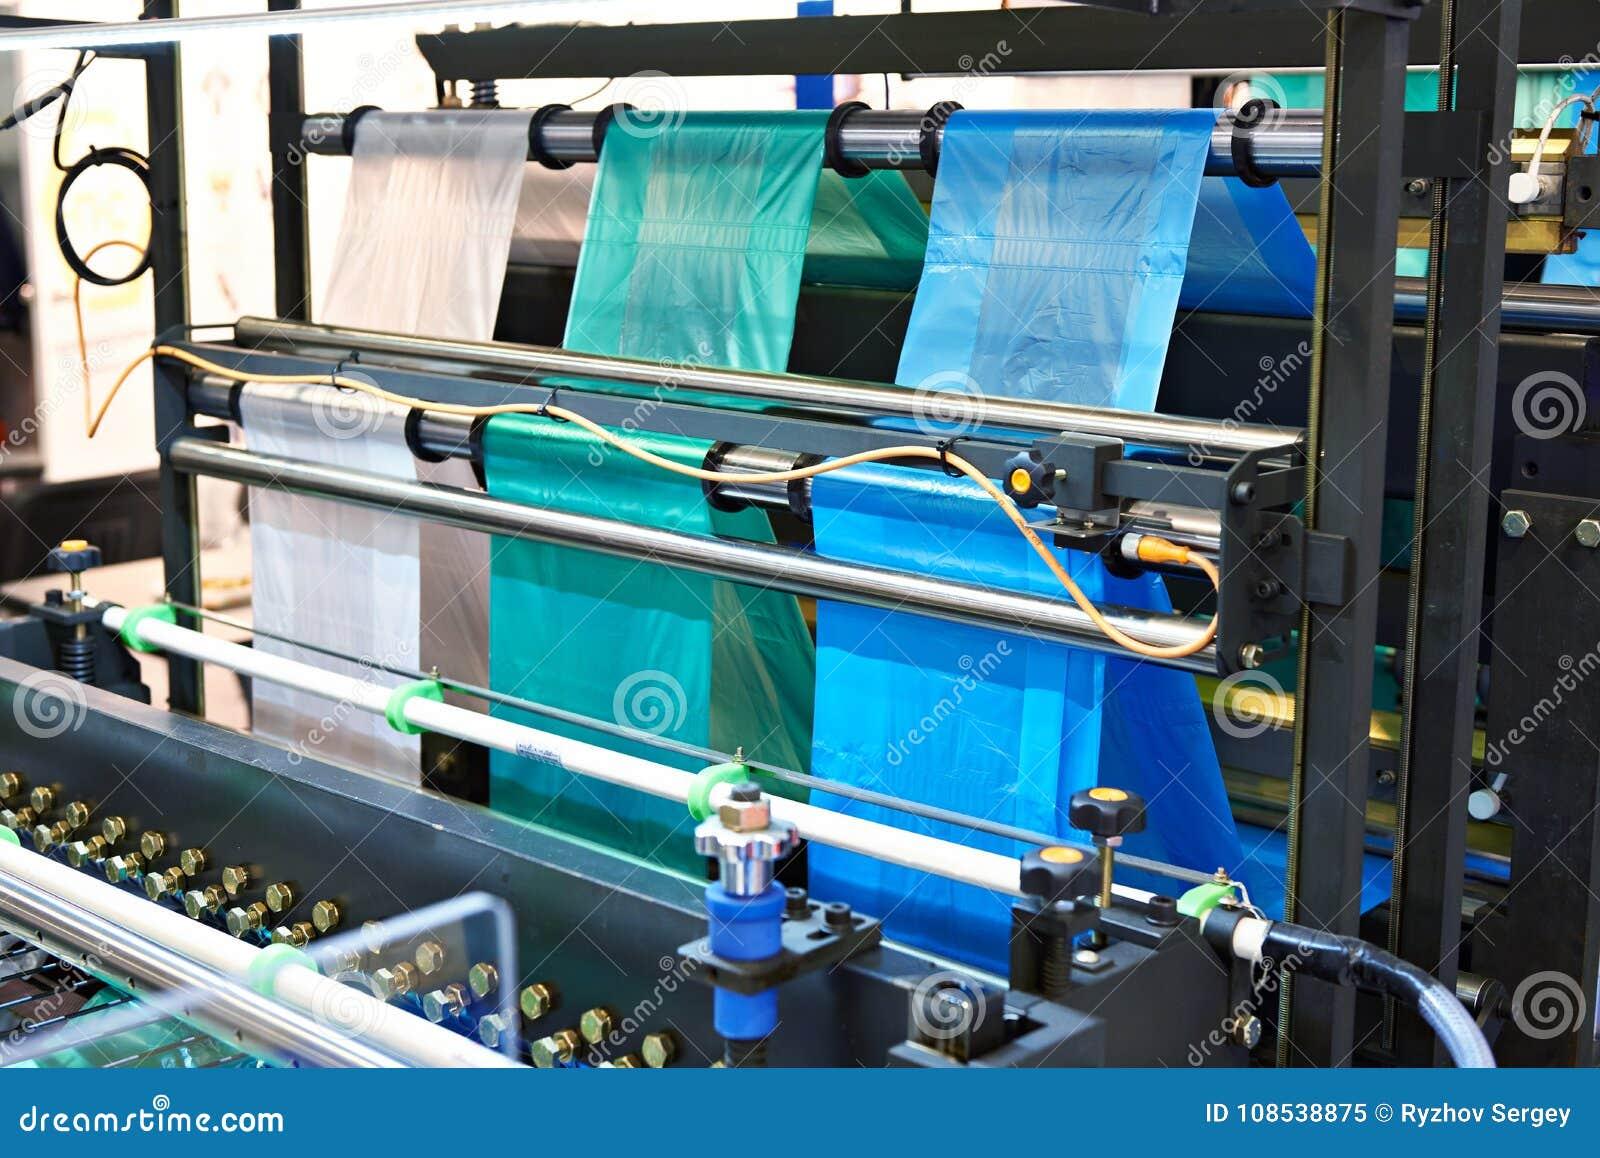 machine pour fabriquer des sachets en plastique image stock image du proc d sacs 108538875. Black Bedroom Furniture Sets. Home Design Ideas